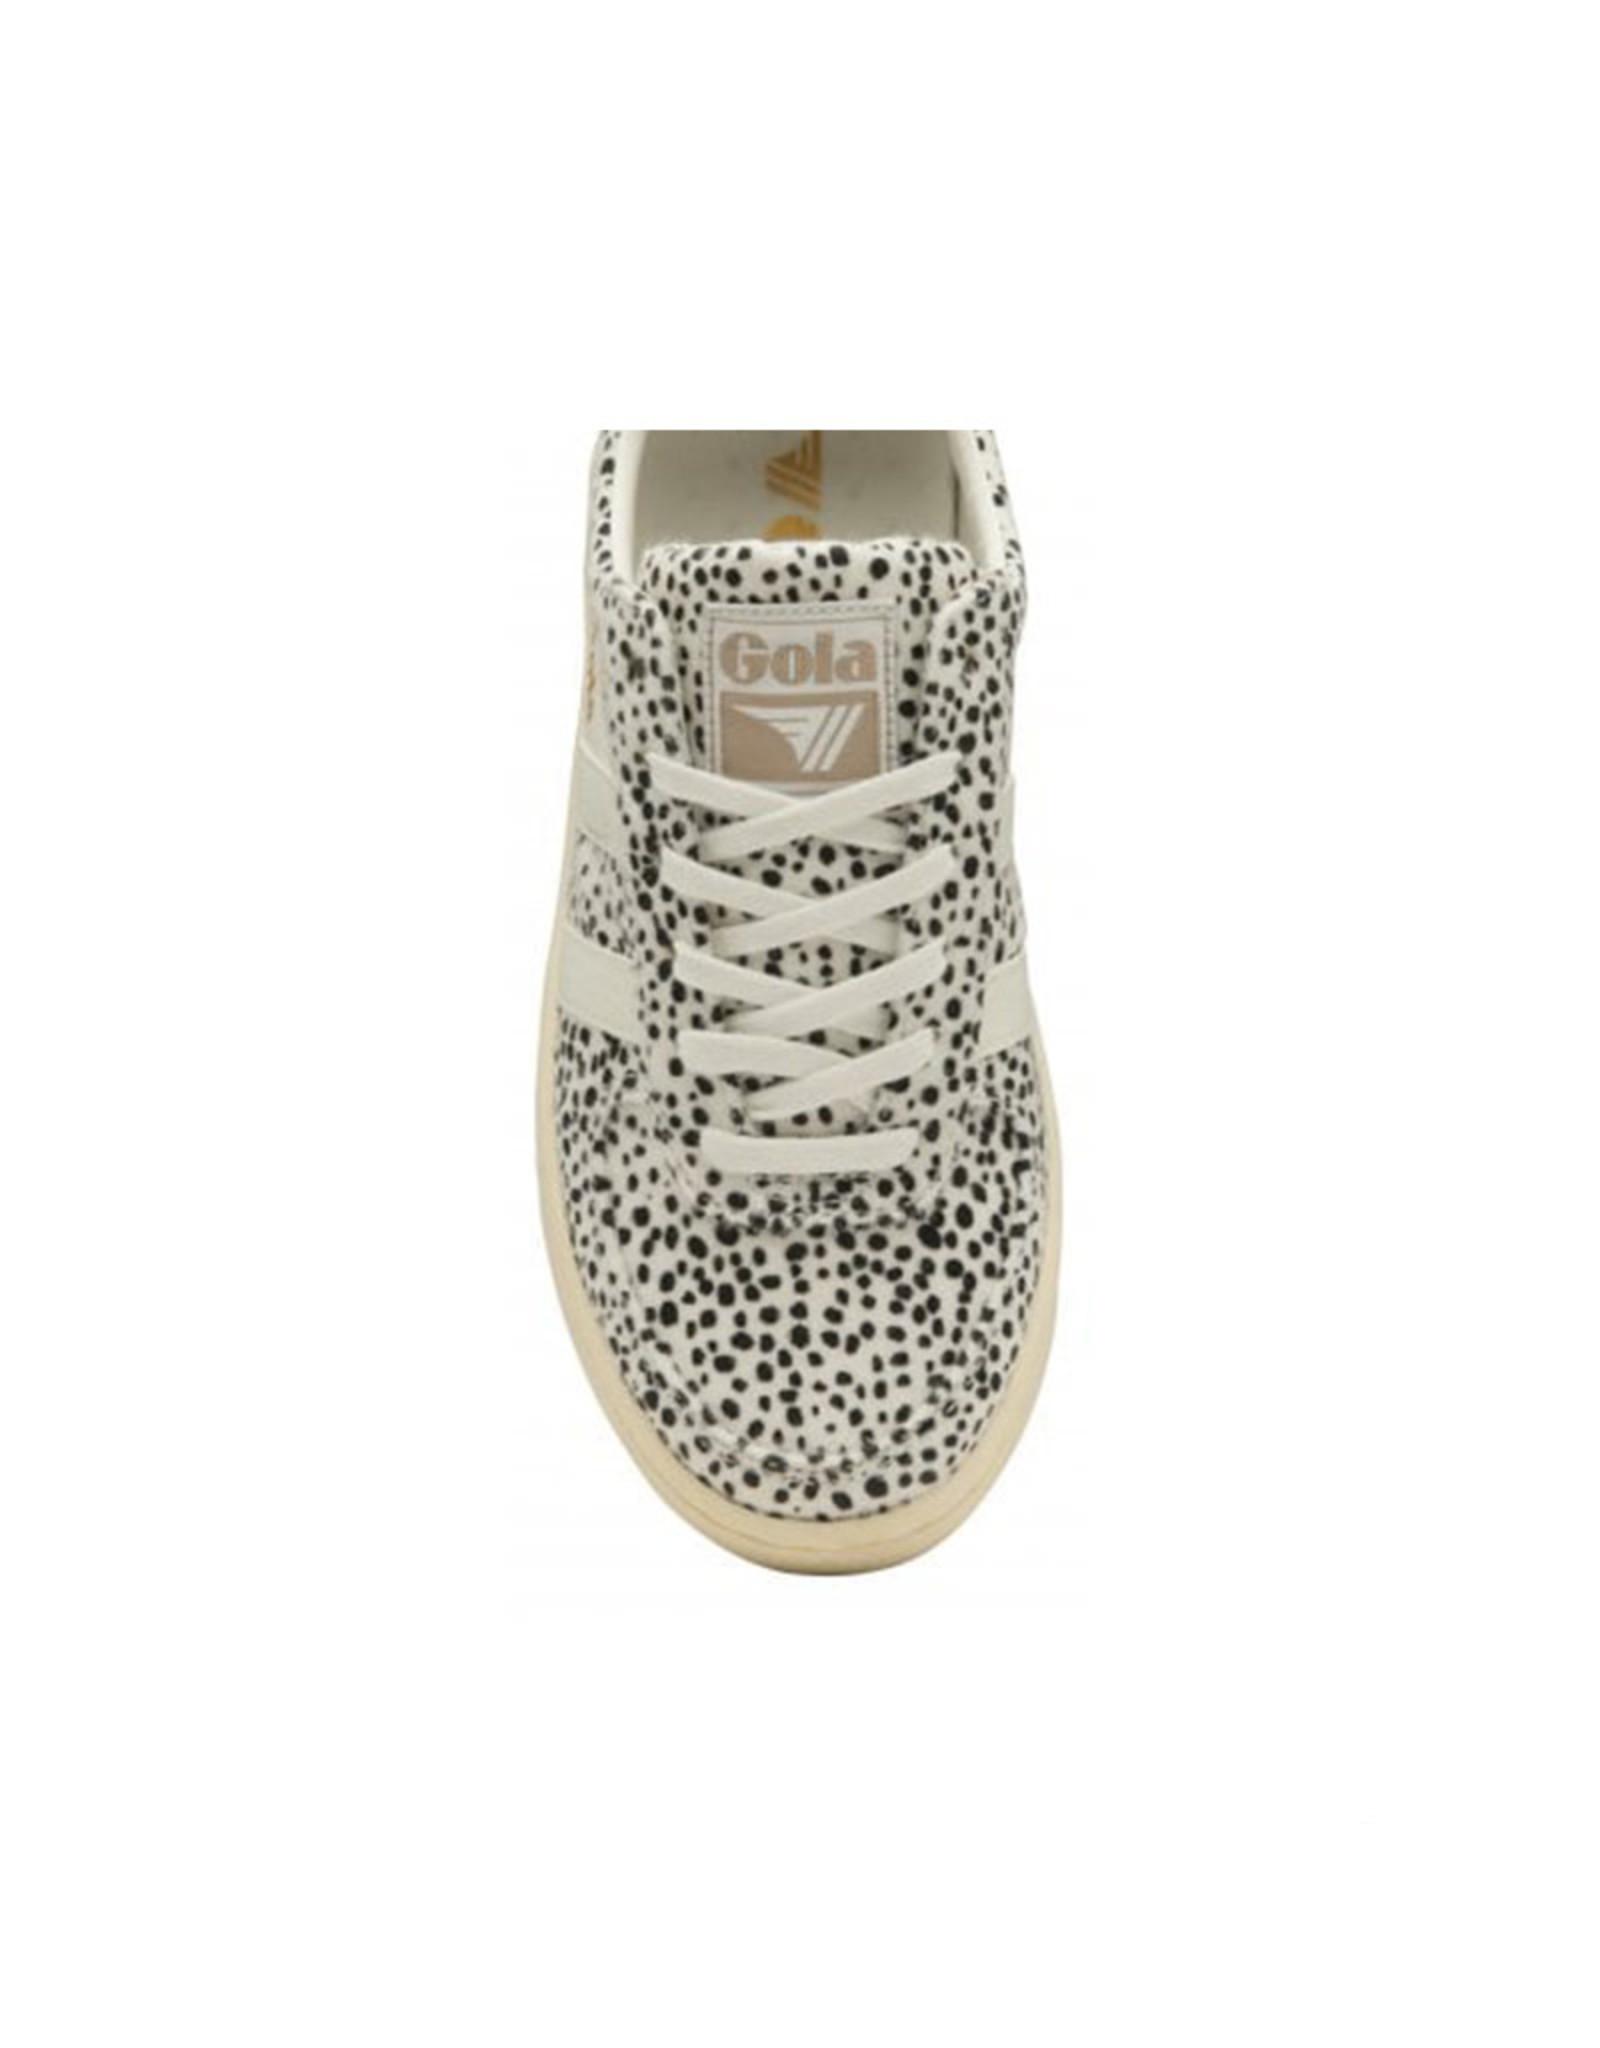 Gola Grandslam Cheetah